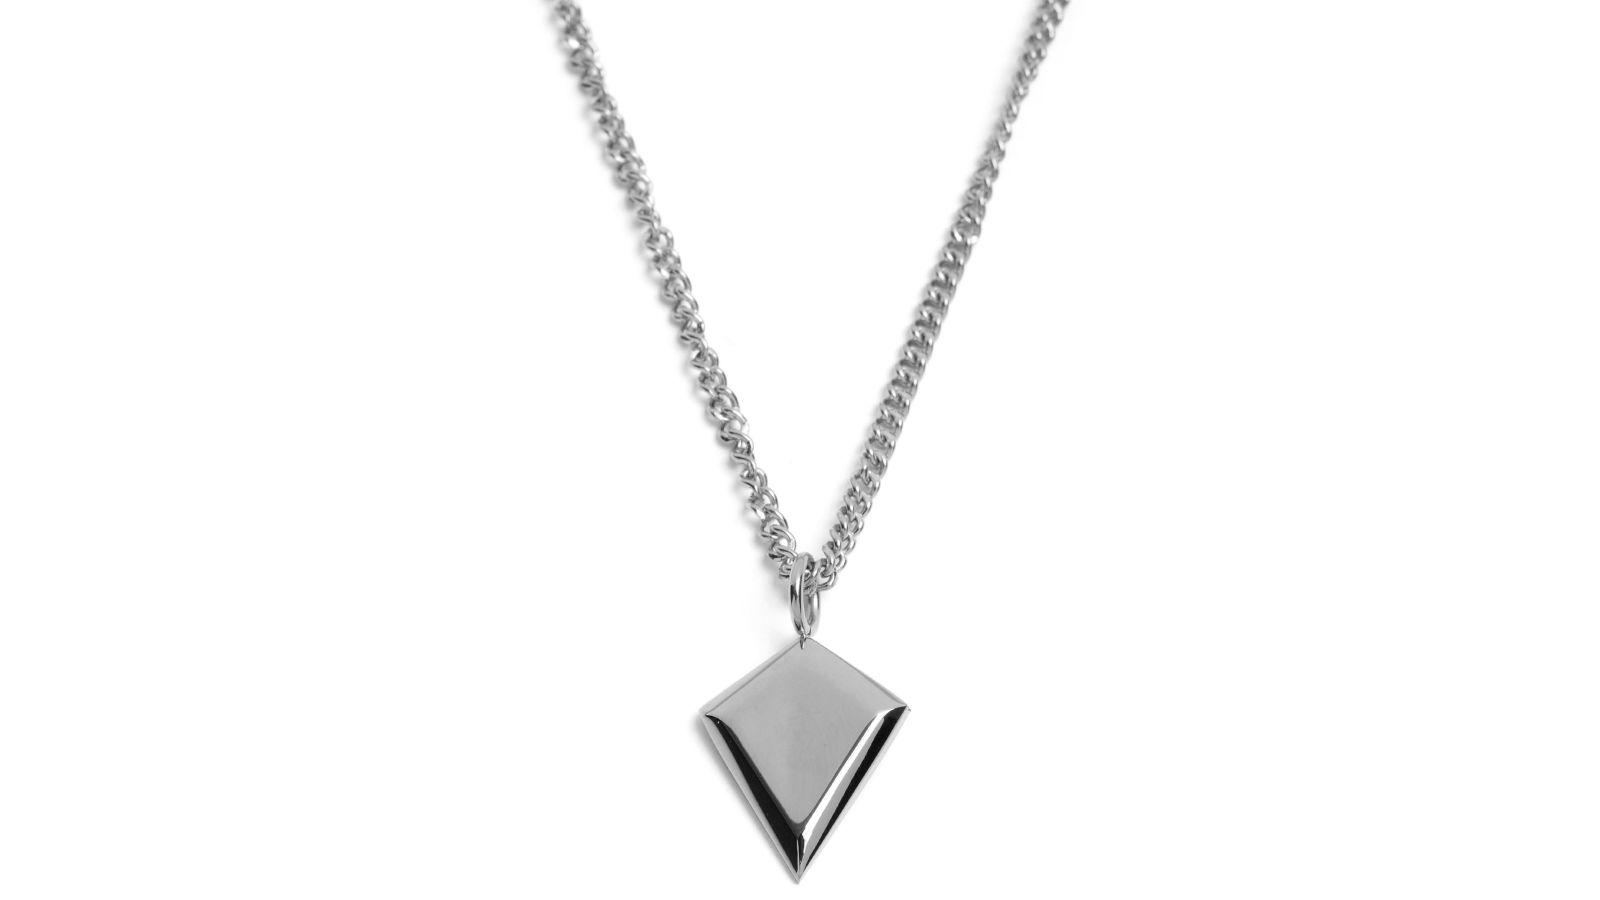 Collier en acier pendentif argent en forme de diamant port gratuit lucleon - Trend corner frais de port gratuit ...